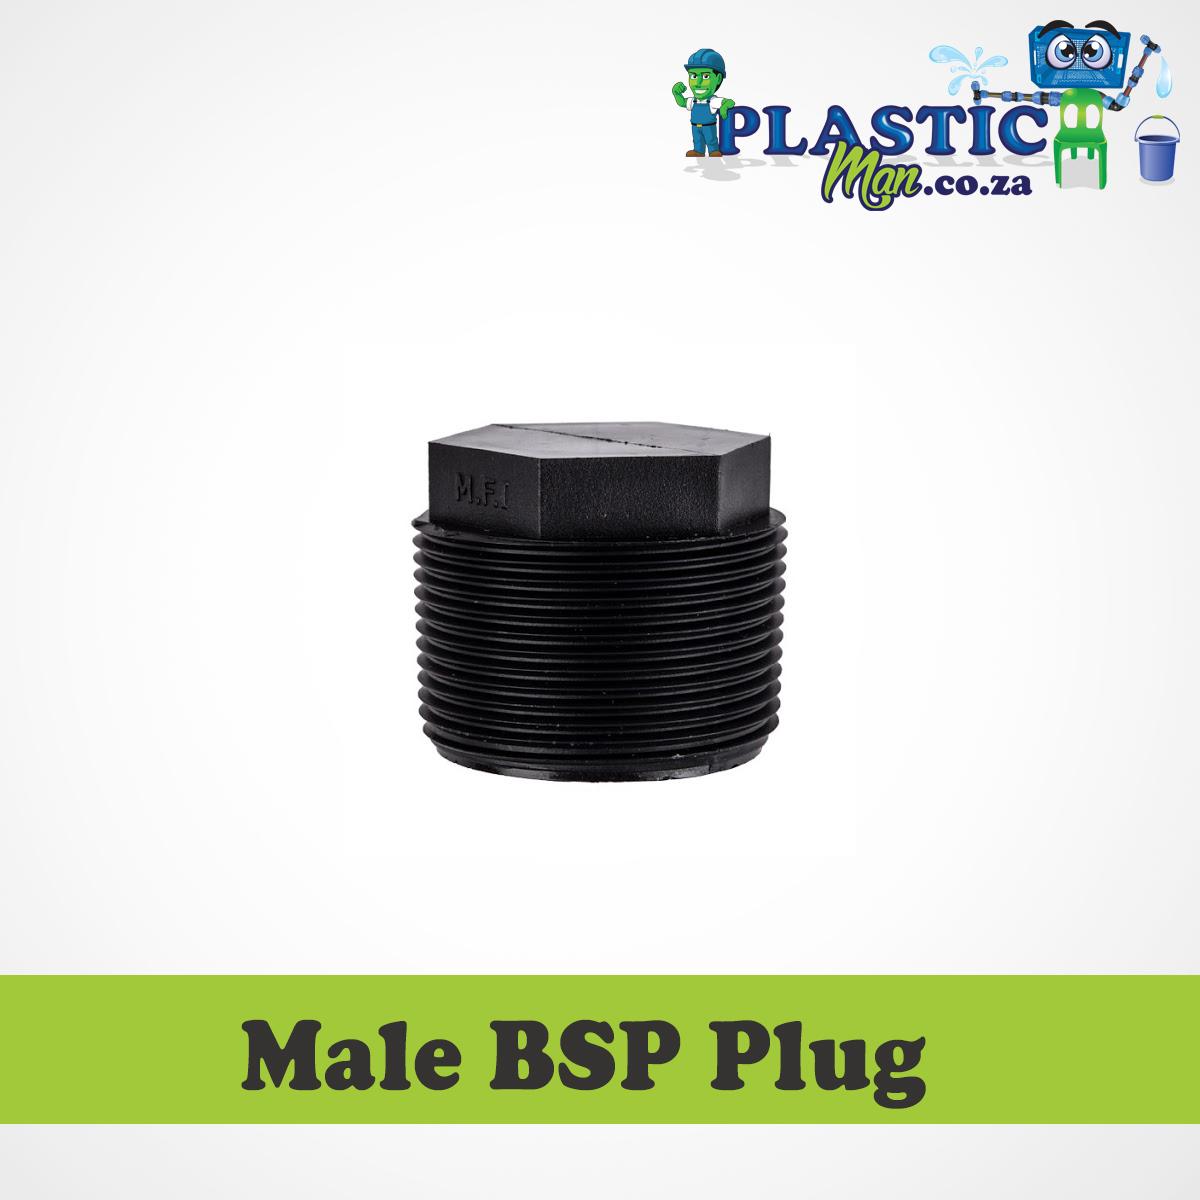 Plasticman LDPE - Male BSP Plug